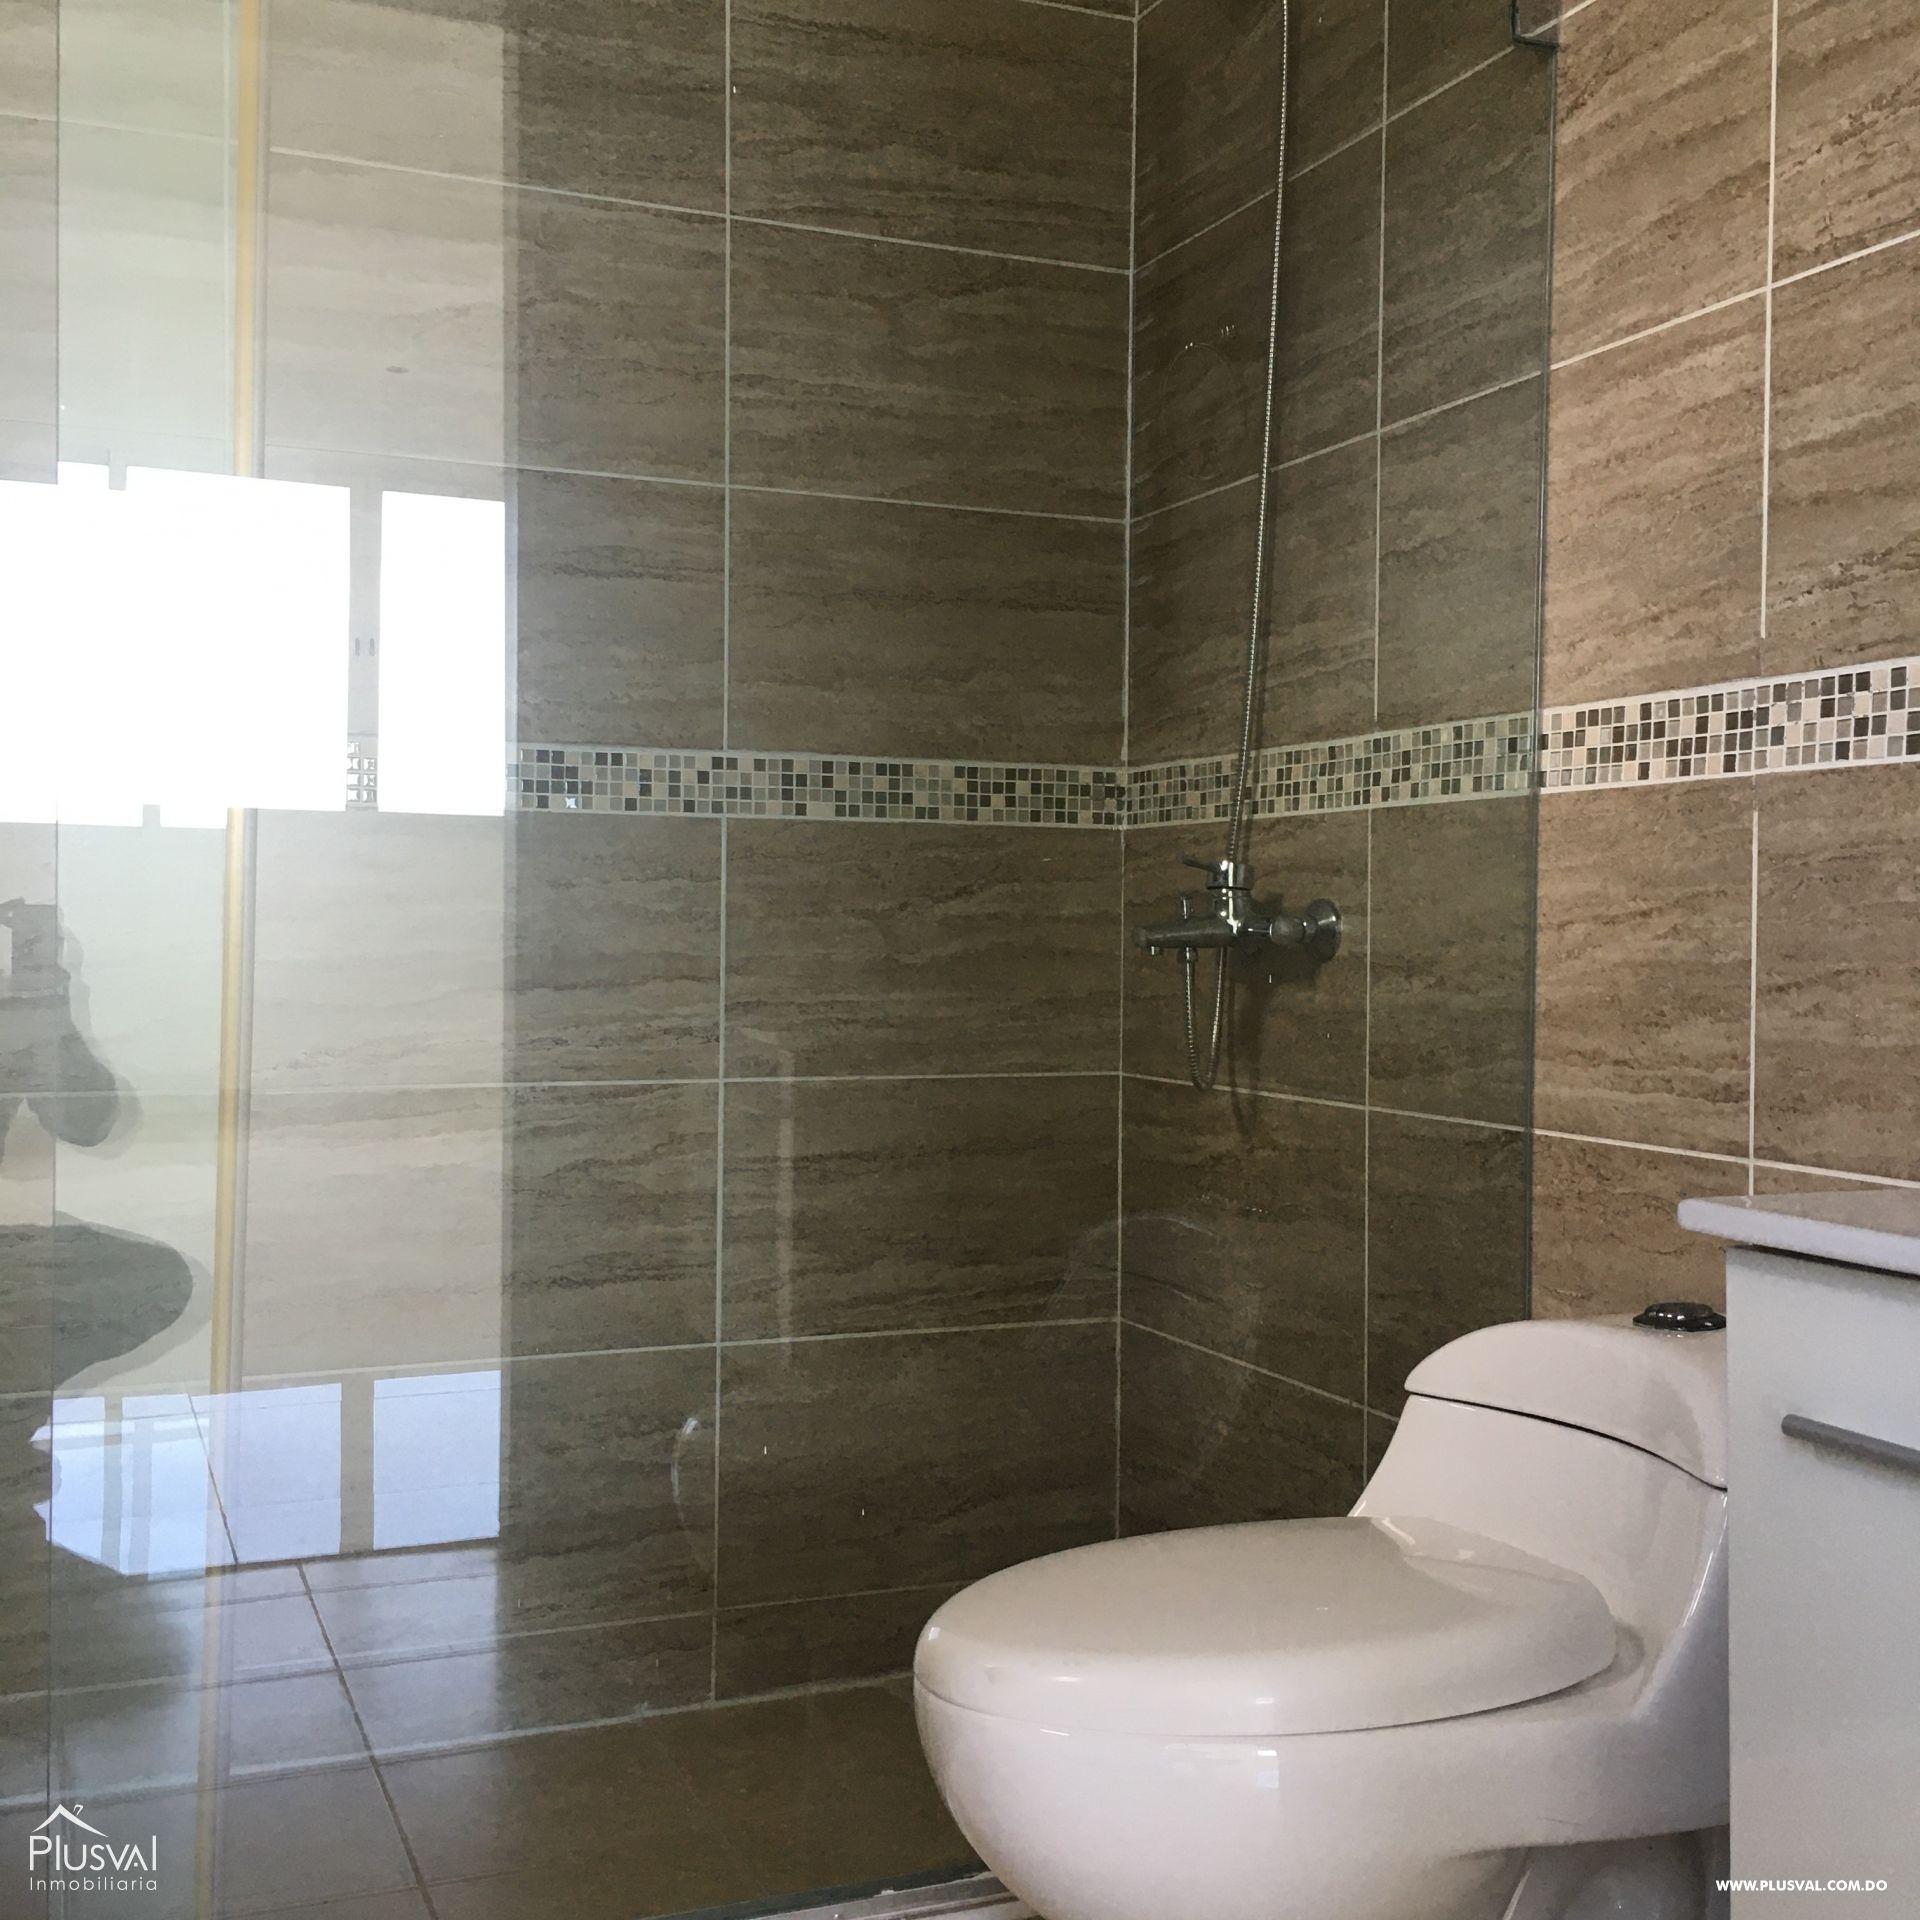 Penthouse en venta, Mirador Norte 169507